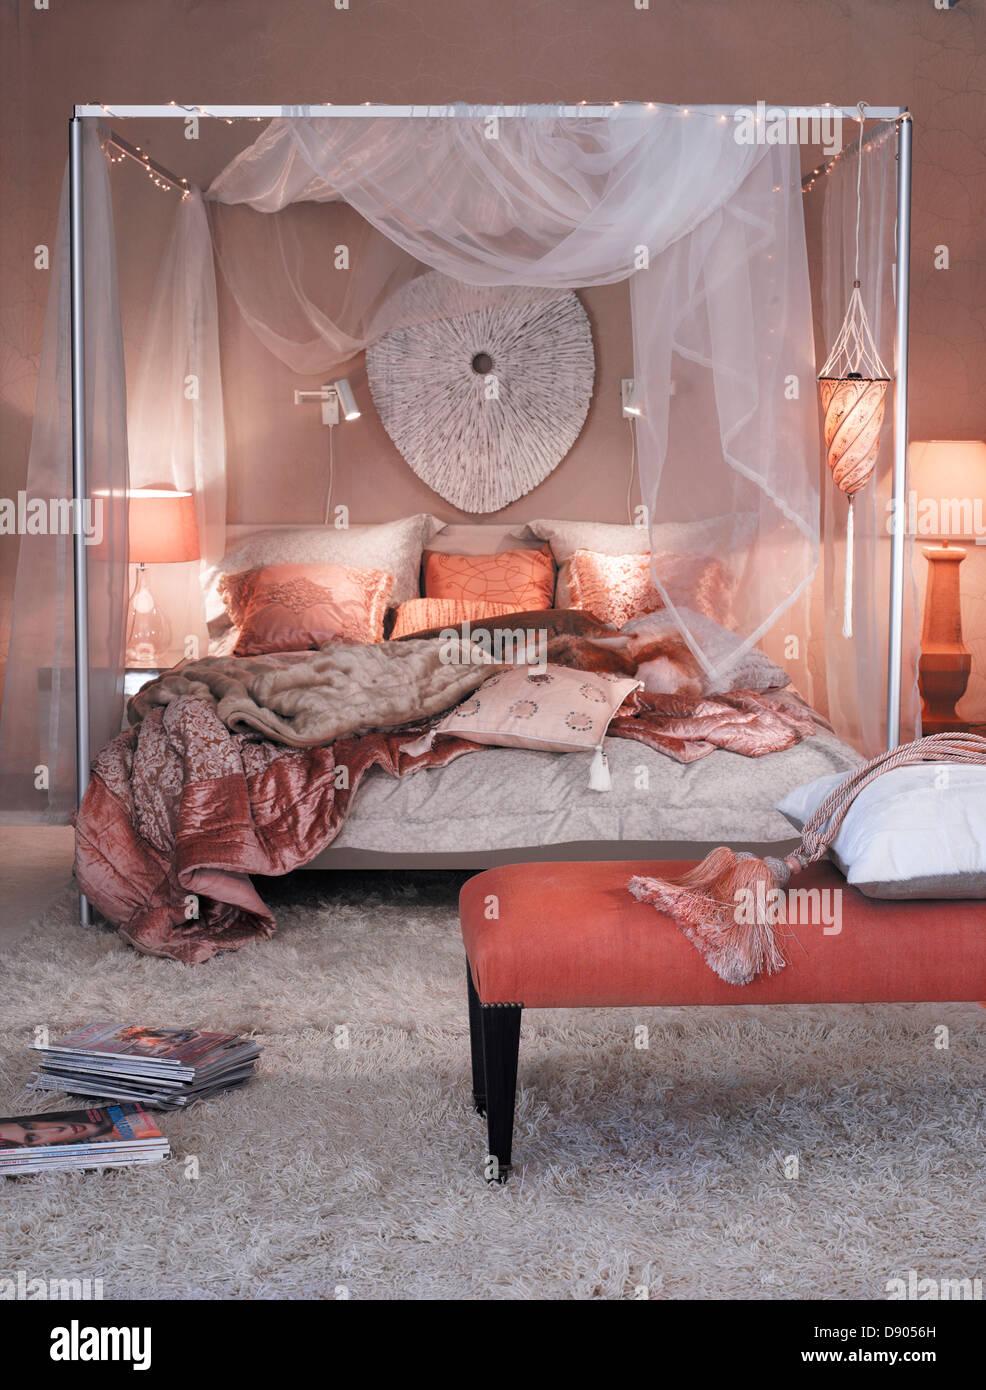 Ein Schlafzimmer in warmen Farben gehalten Stockfoto, Bild: 57167113 ...